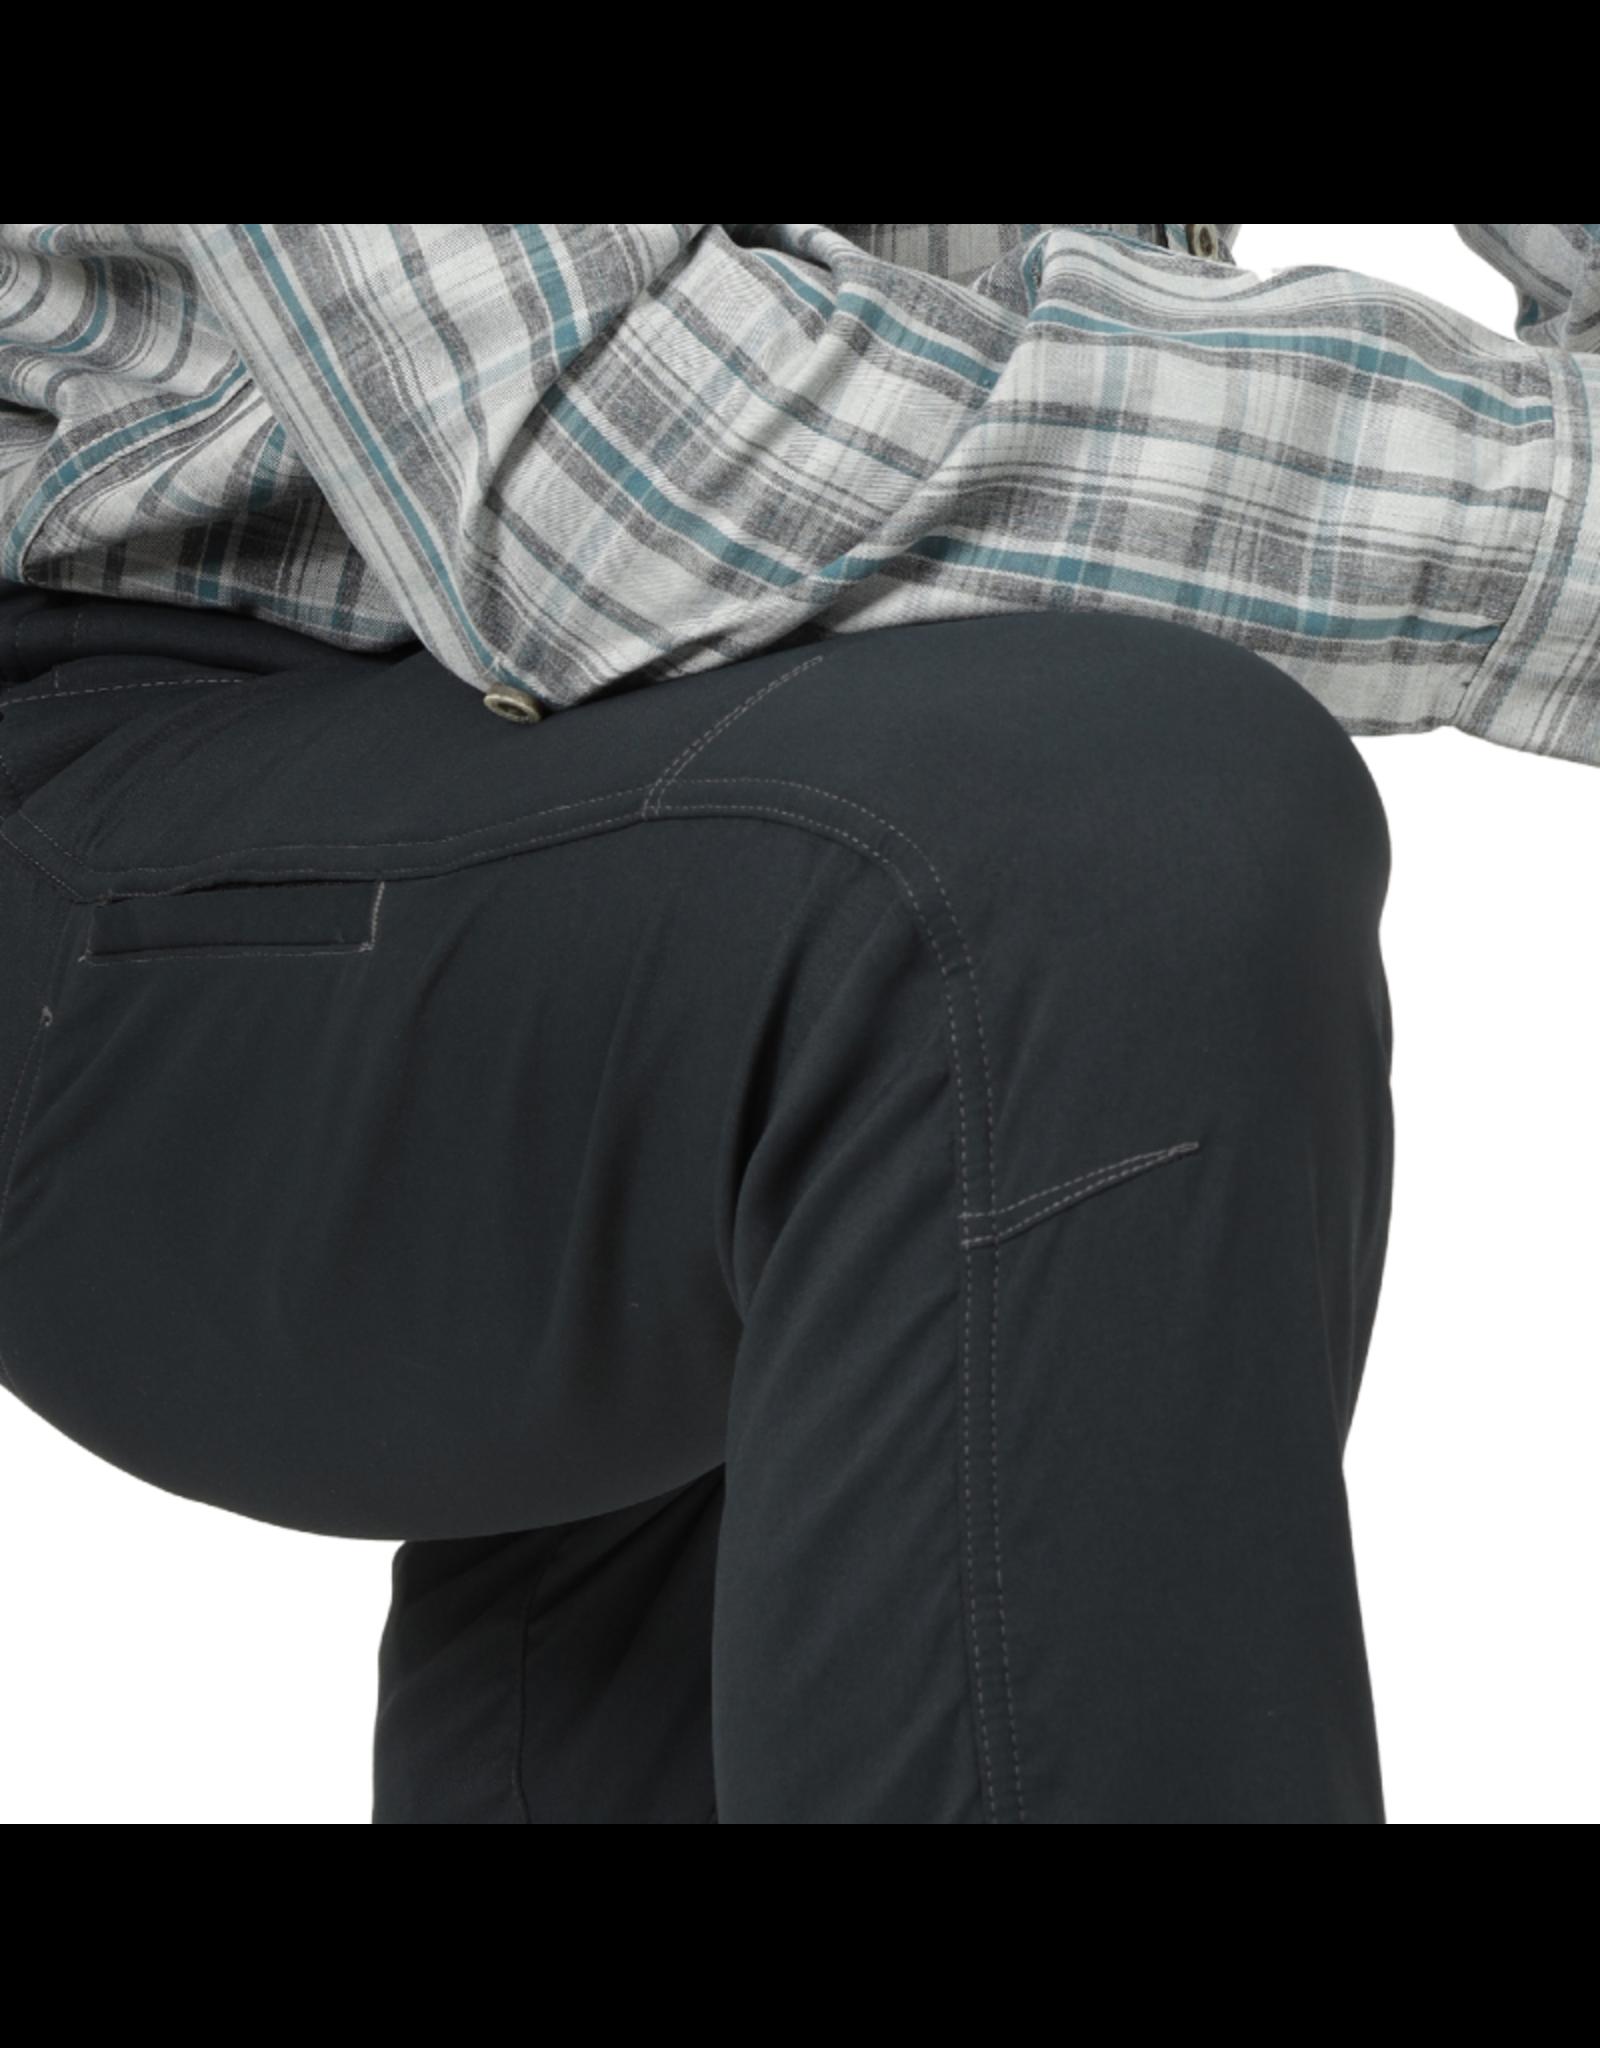 Wrangler Wrangler Fleece Lined Pant